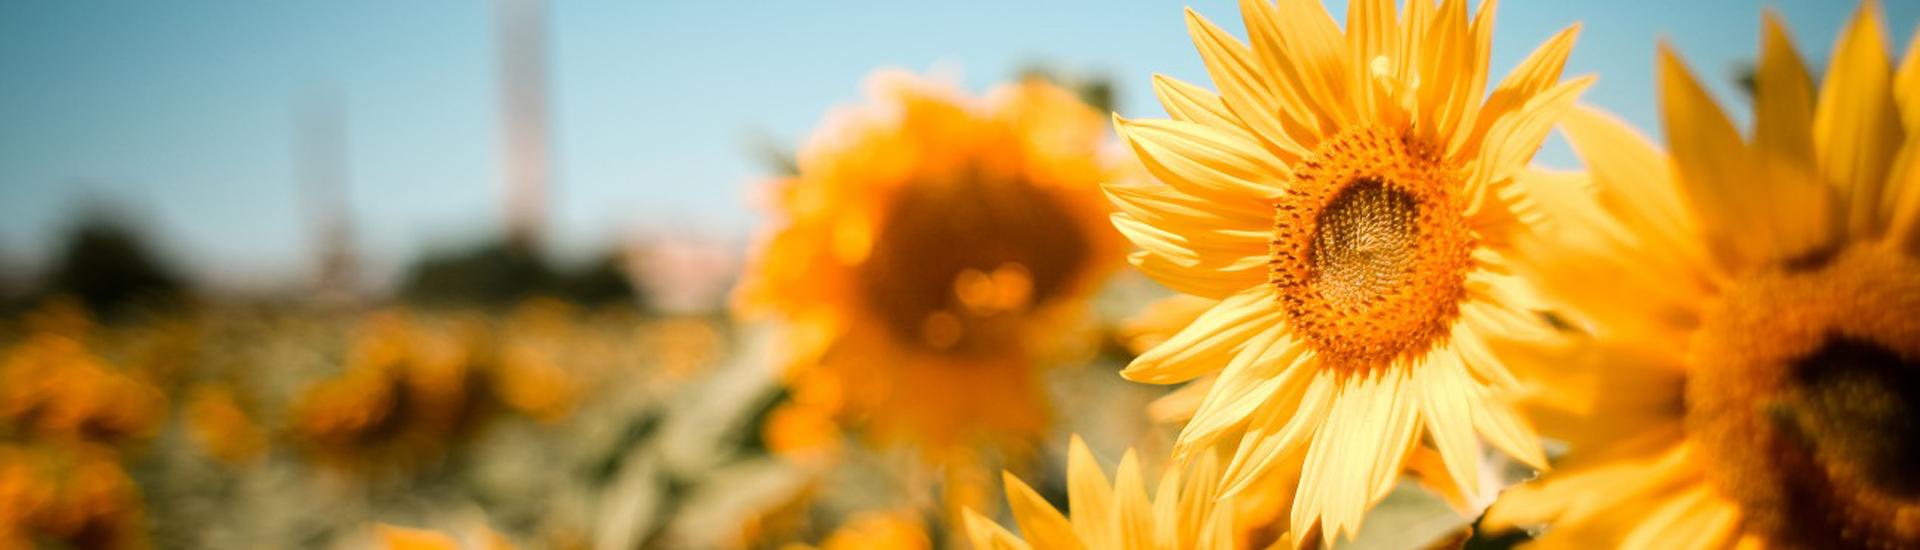 slnecnice1